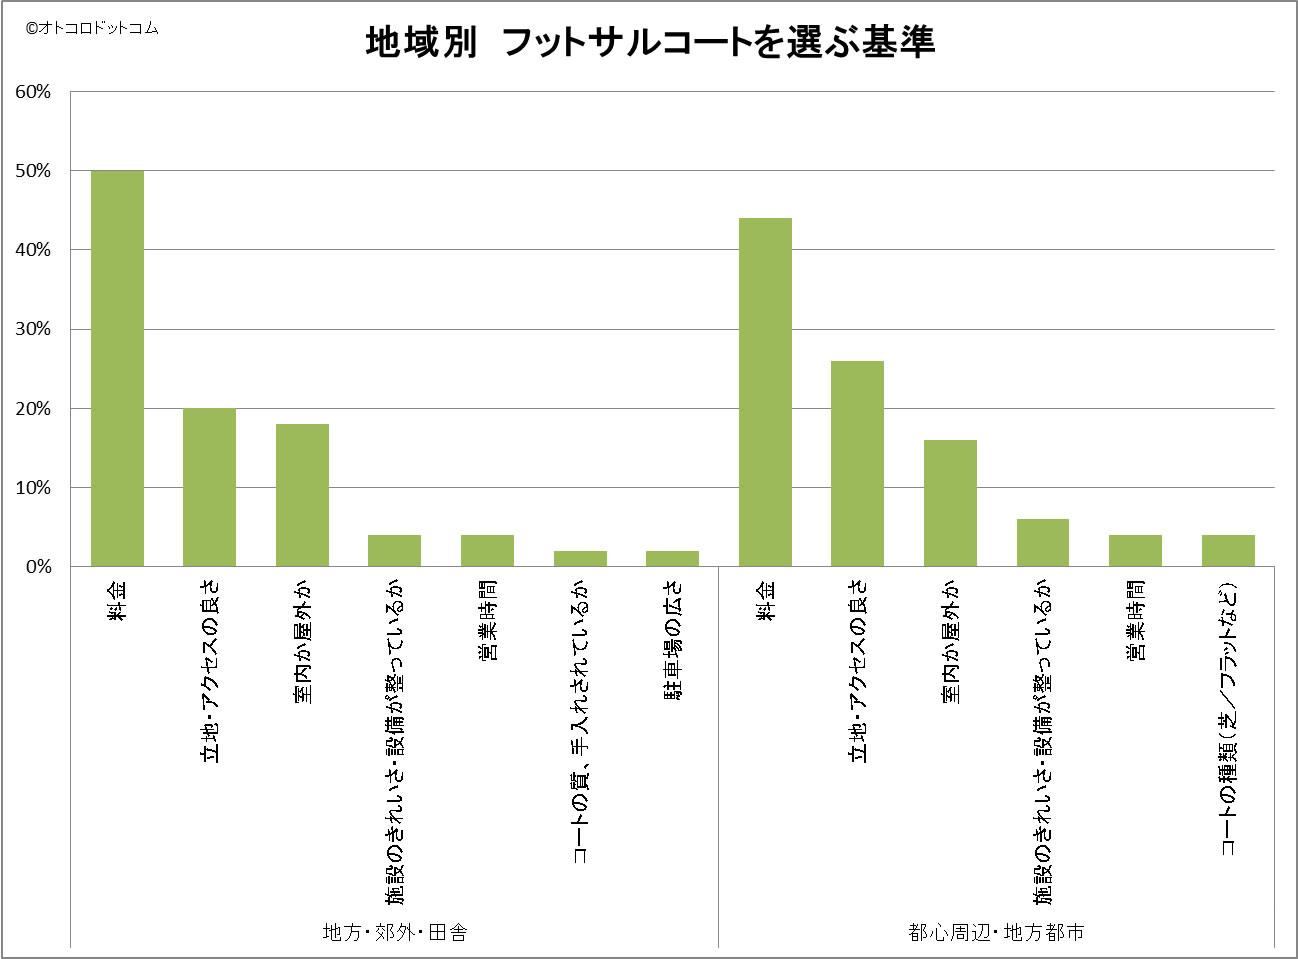 地域別 フットサルコートを選ぶ基準 アンケート結果グラフ